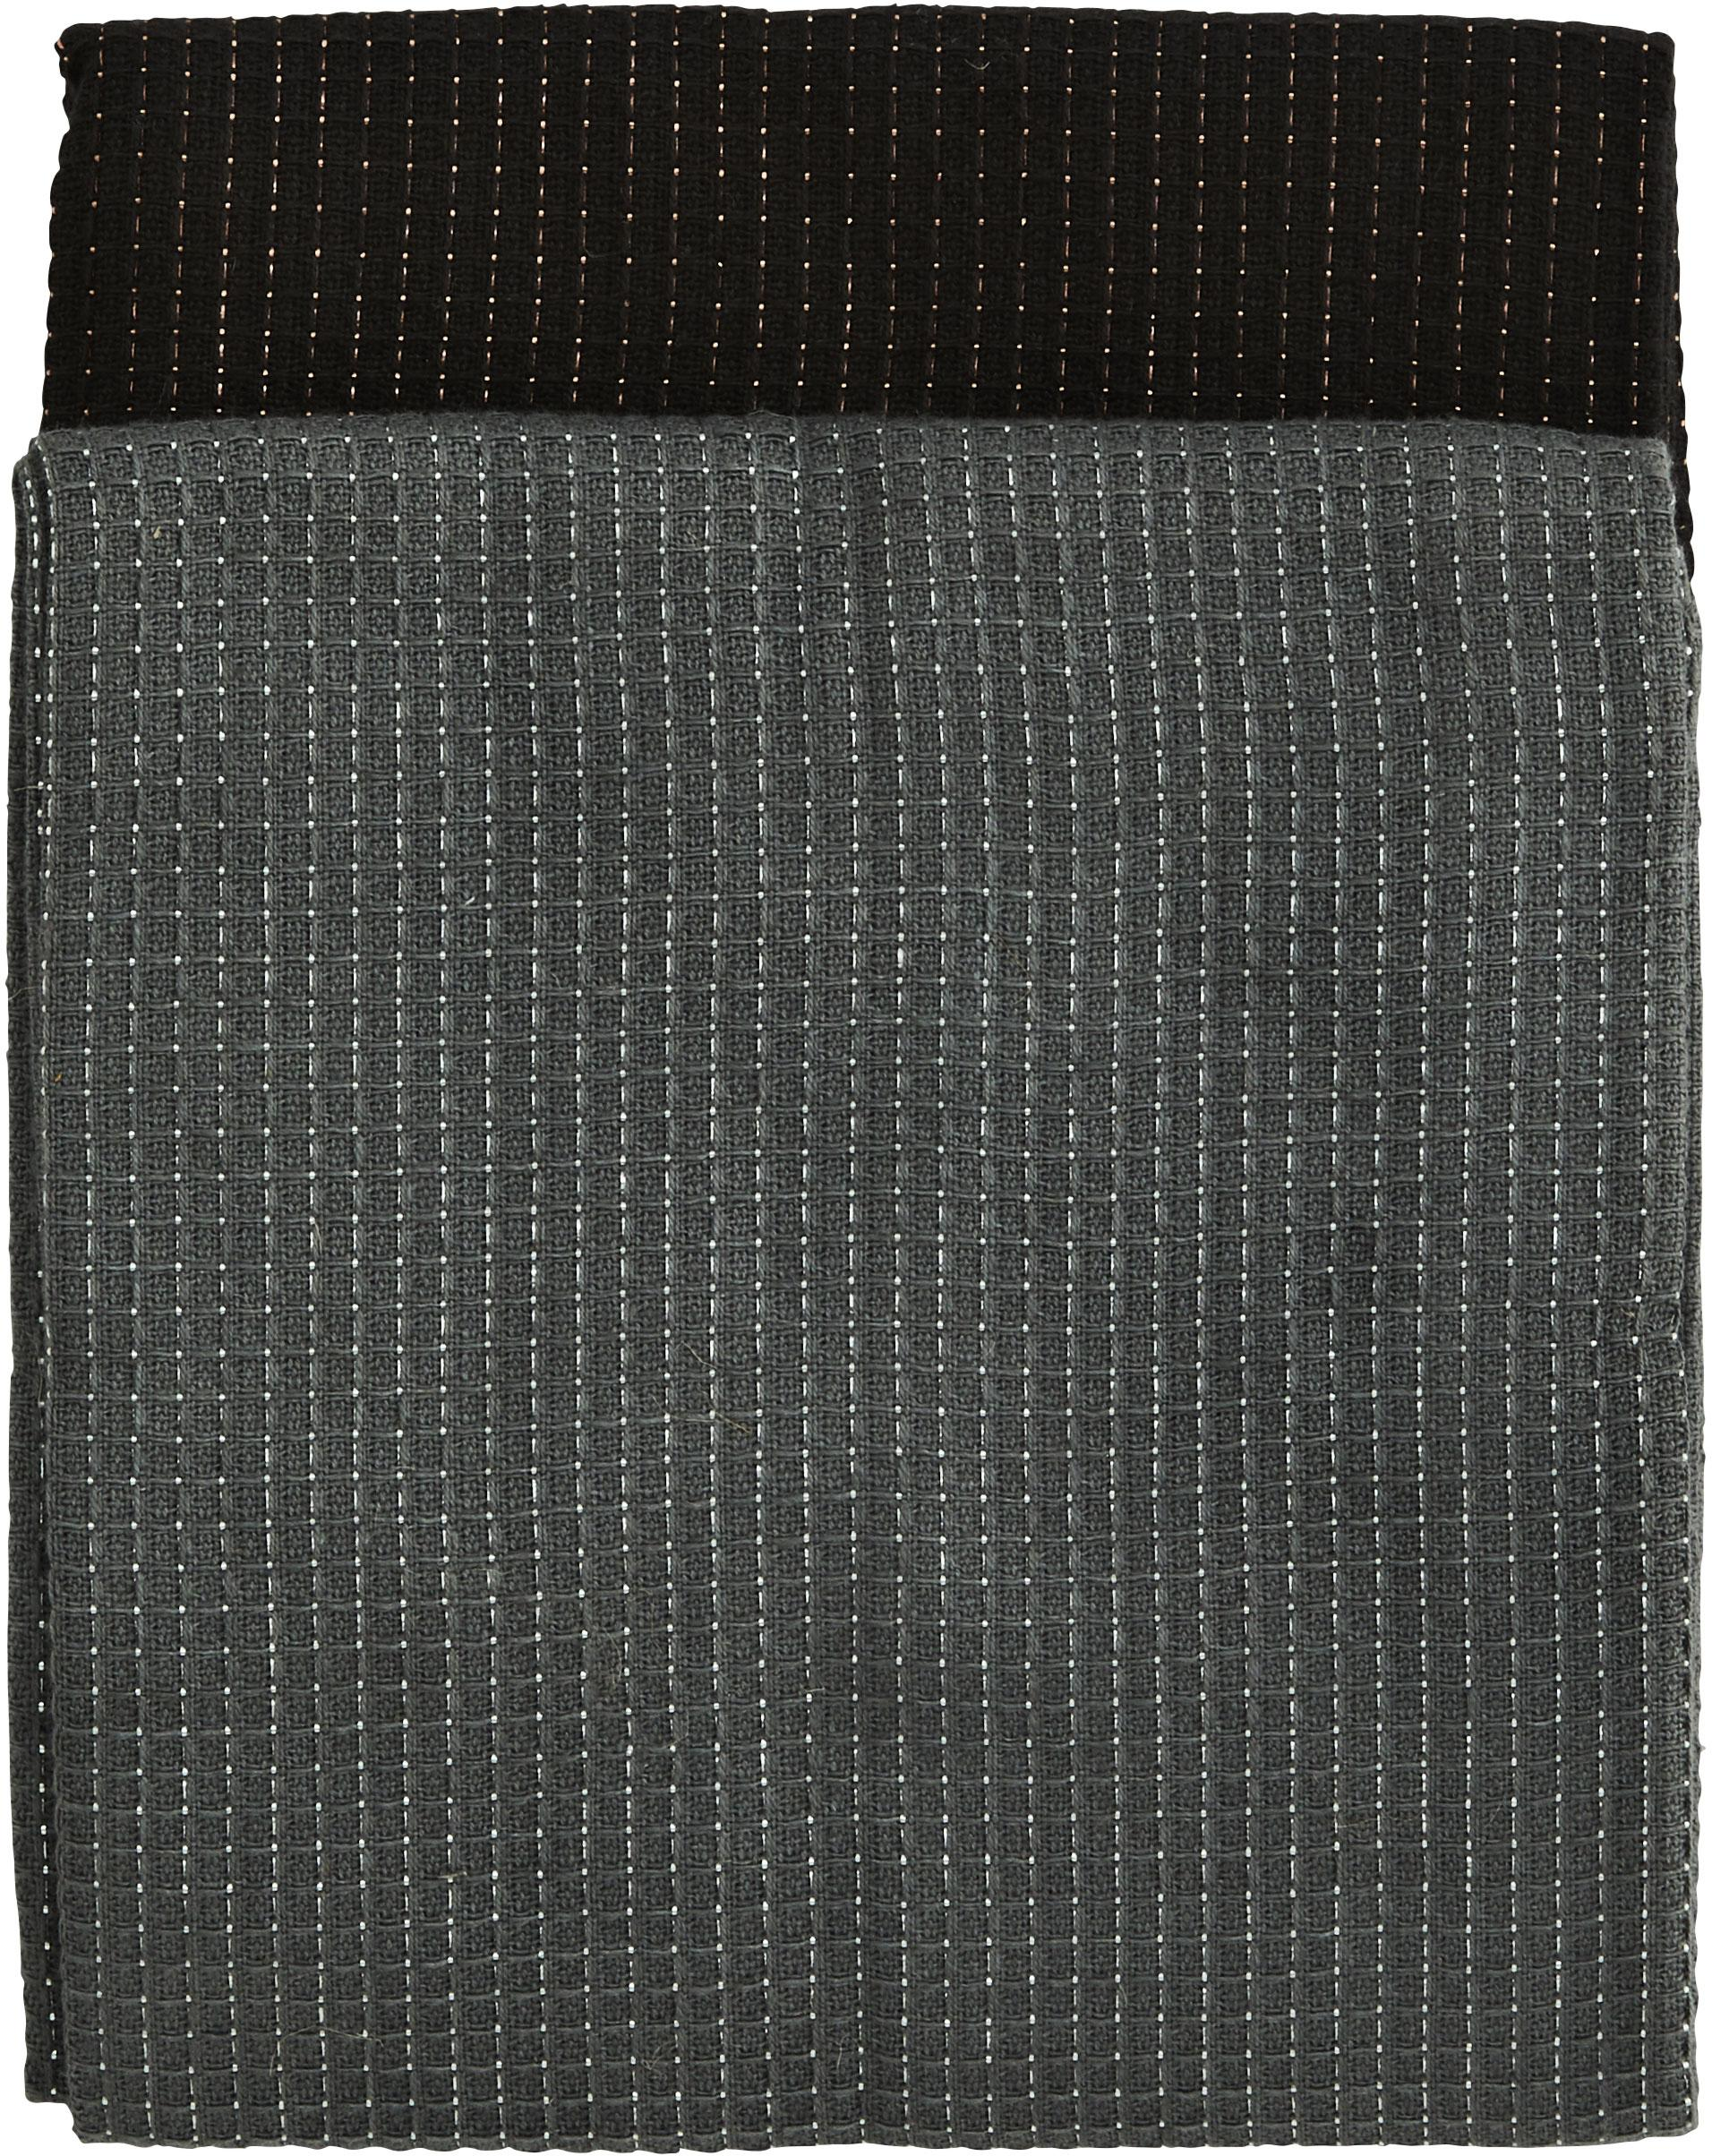 Komplet ręczników kuchennych Waffelpiqué, 4 elem., 100% bawełna, nić lureksowa, Ciemnyszary, czarny, S 50 x D 70 cm